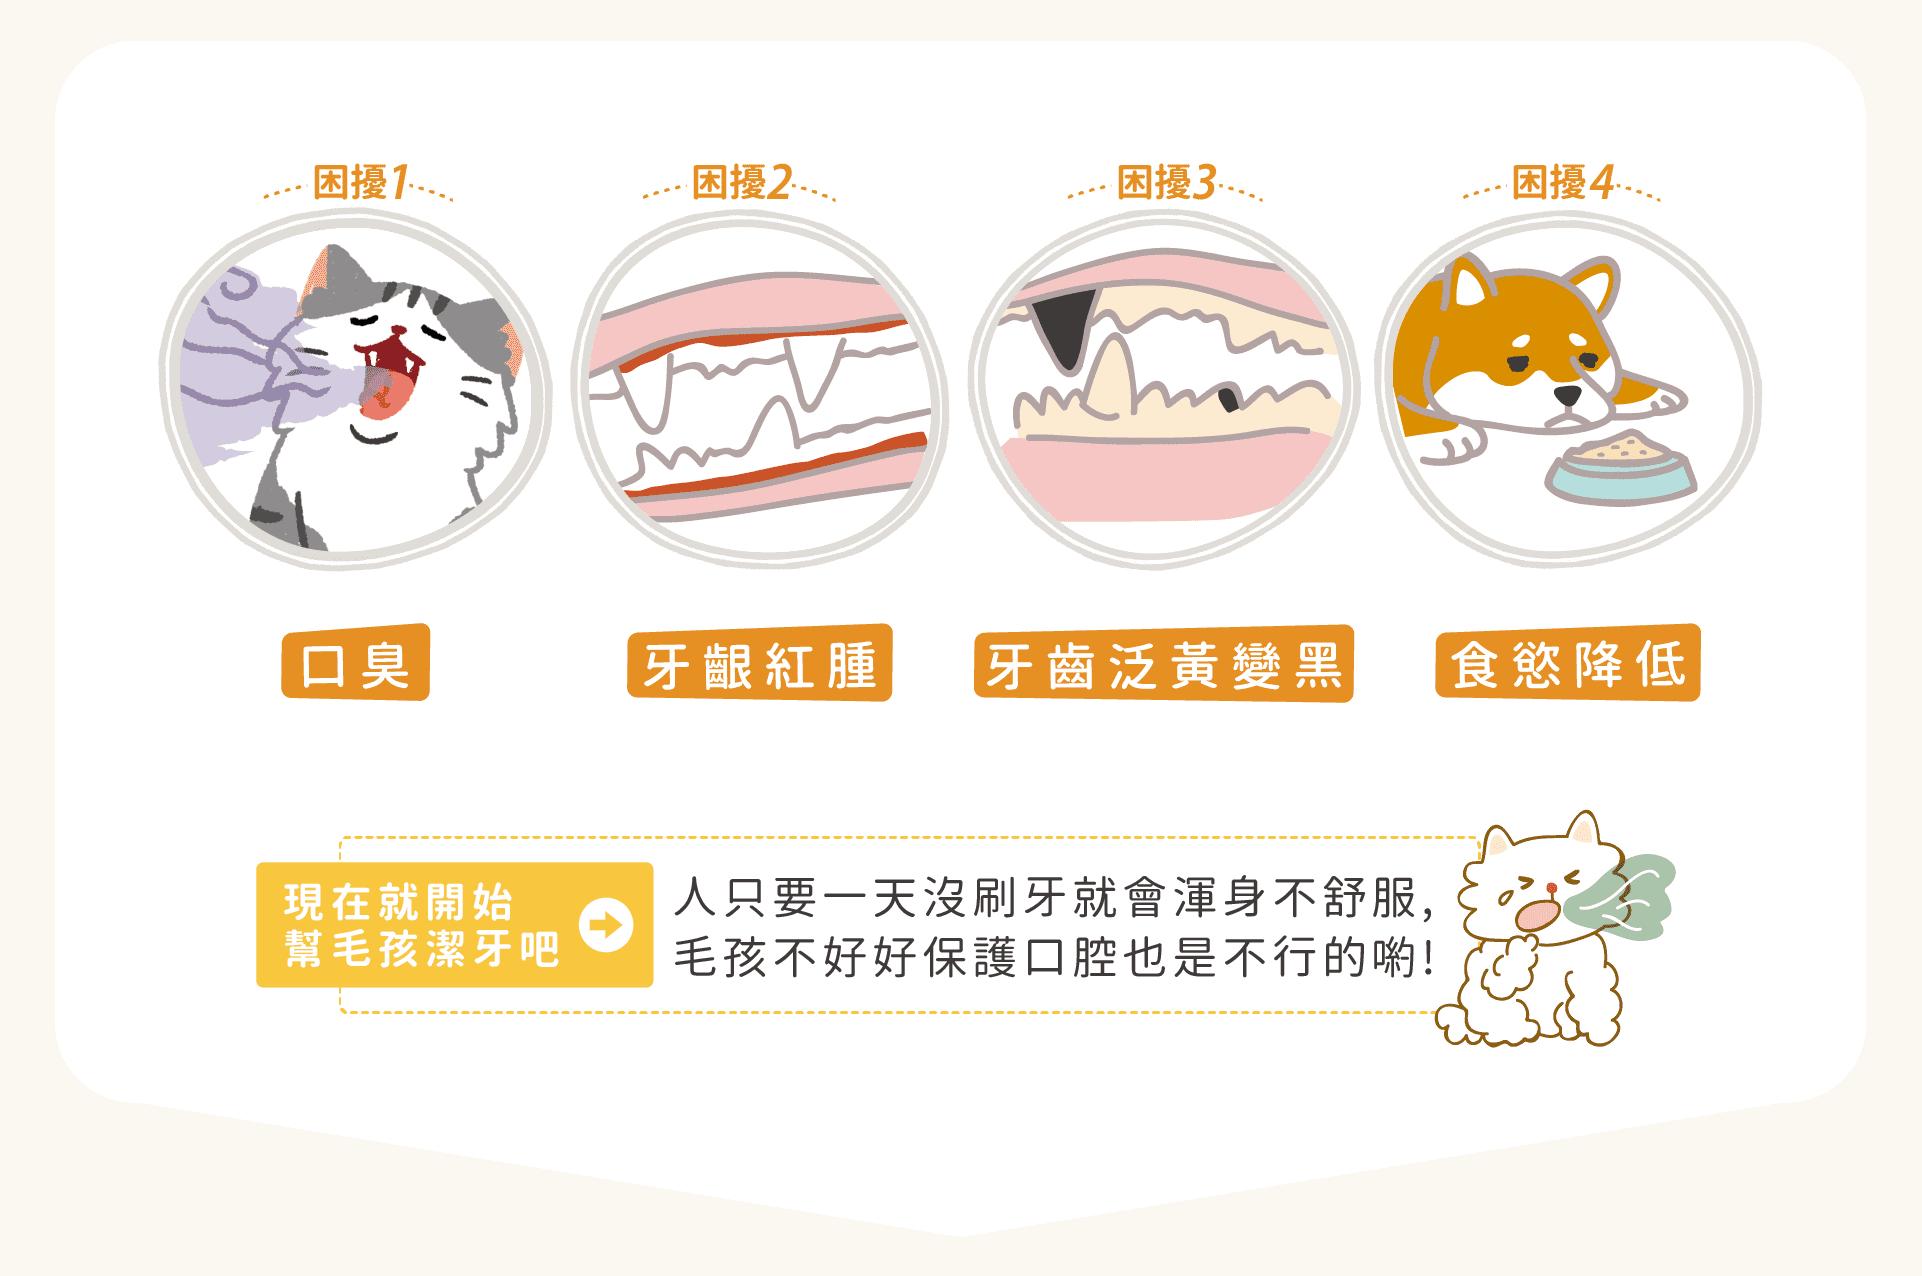 毛孩口臭、寵物牙齦紅腫、牙齒泛黃變黑、食慾降低等困擾,就靠幫毛孩潔牙來解決。人類只要一天沒刷牙就會渾身不舒服,毛孩不好好保護口腔也是不行的喲!